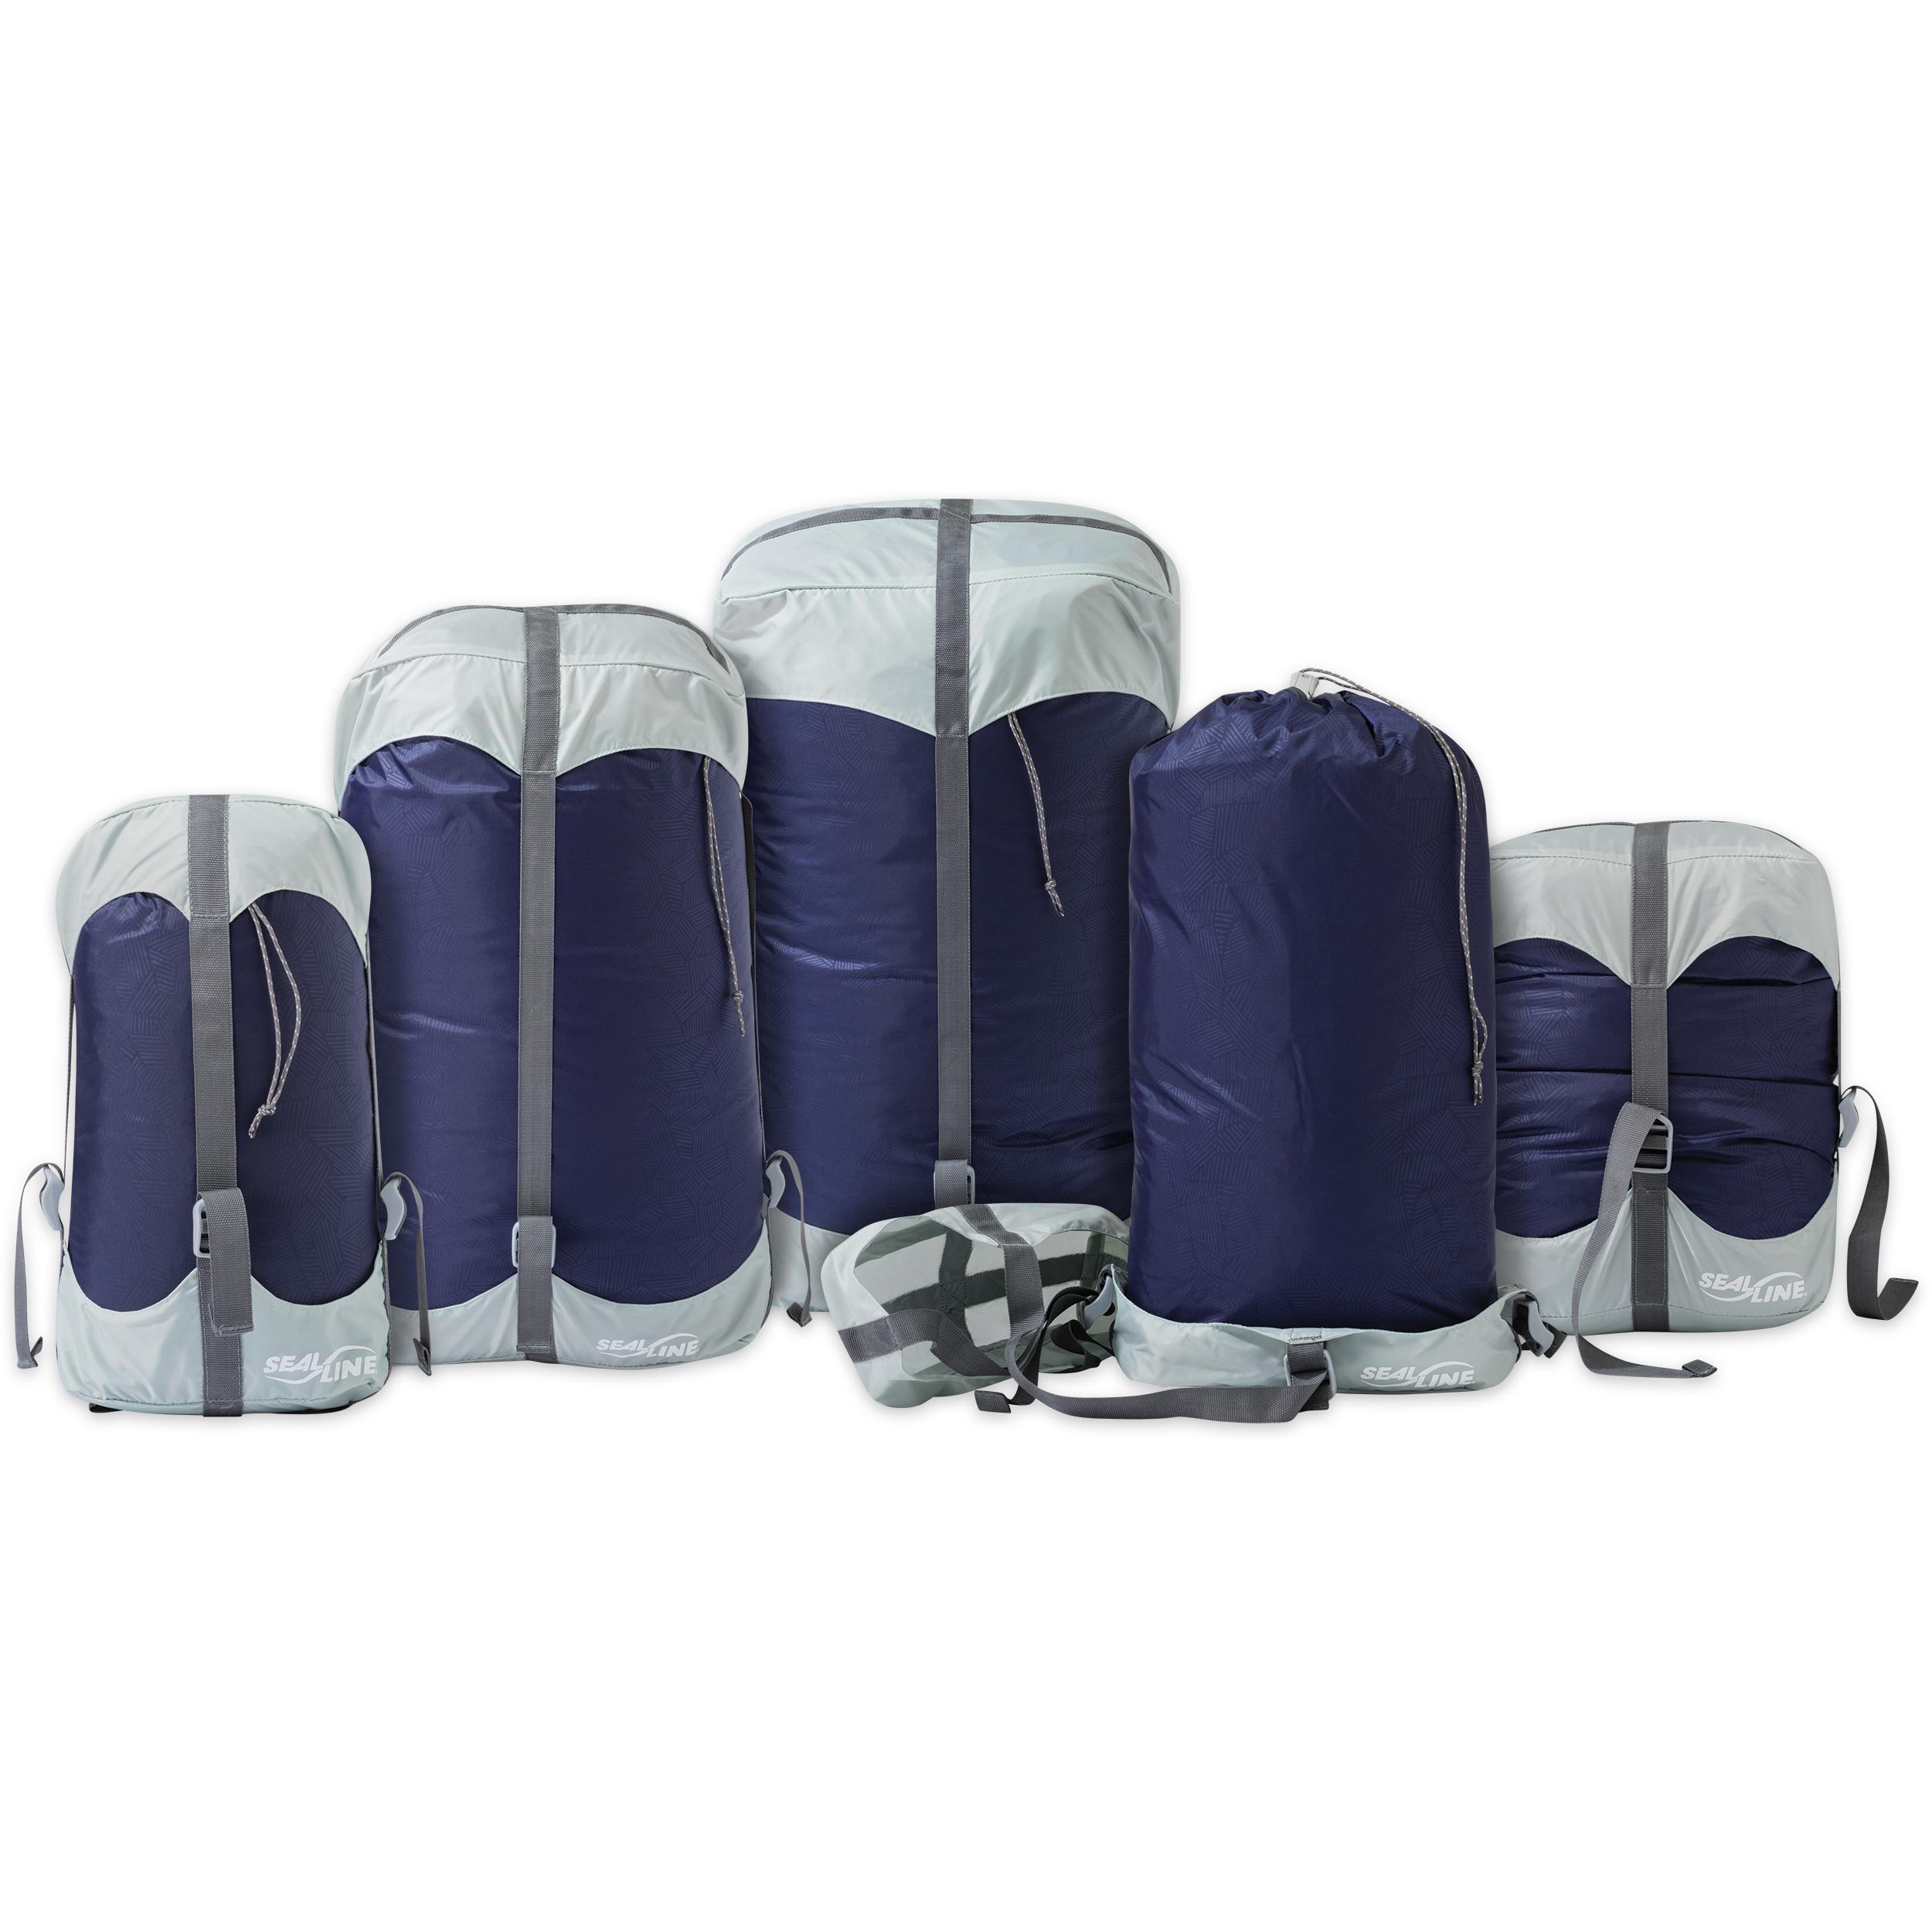 SealLine BlockerLite Compression Cinch Sack Water-Resistant Stuff Sack